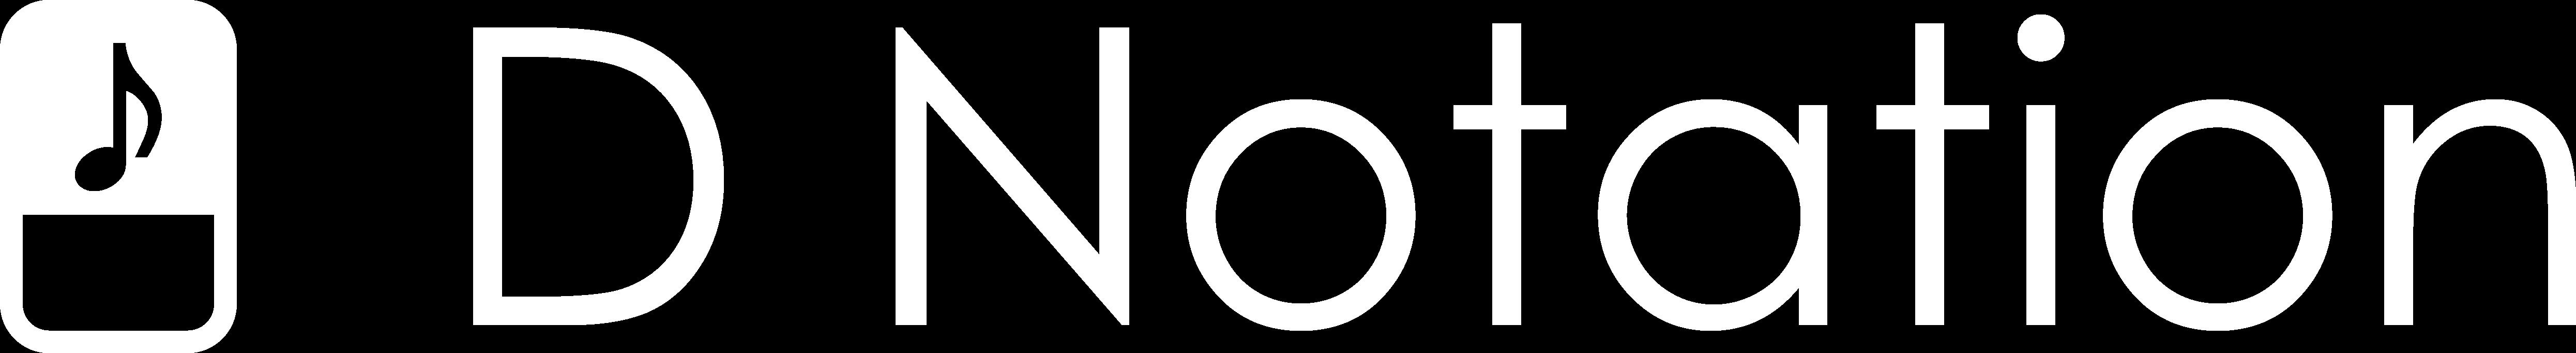 D Notation